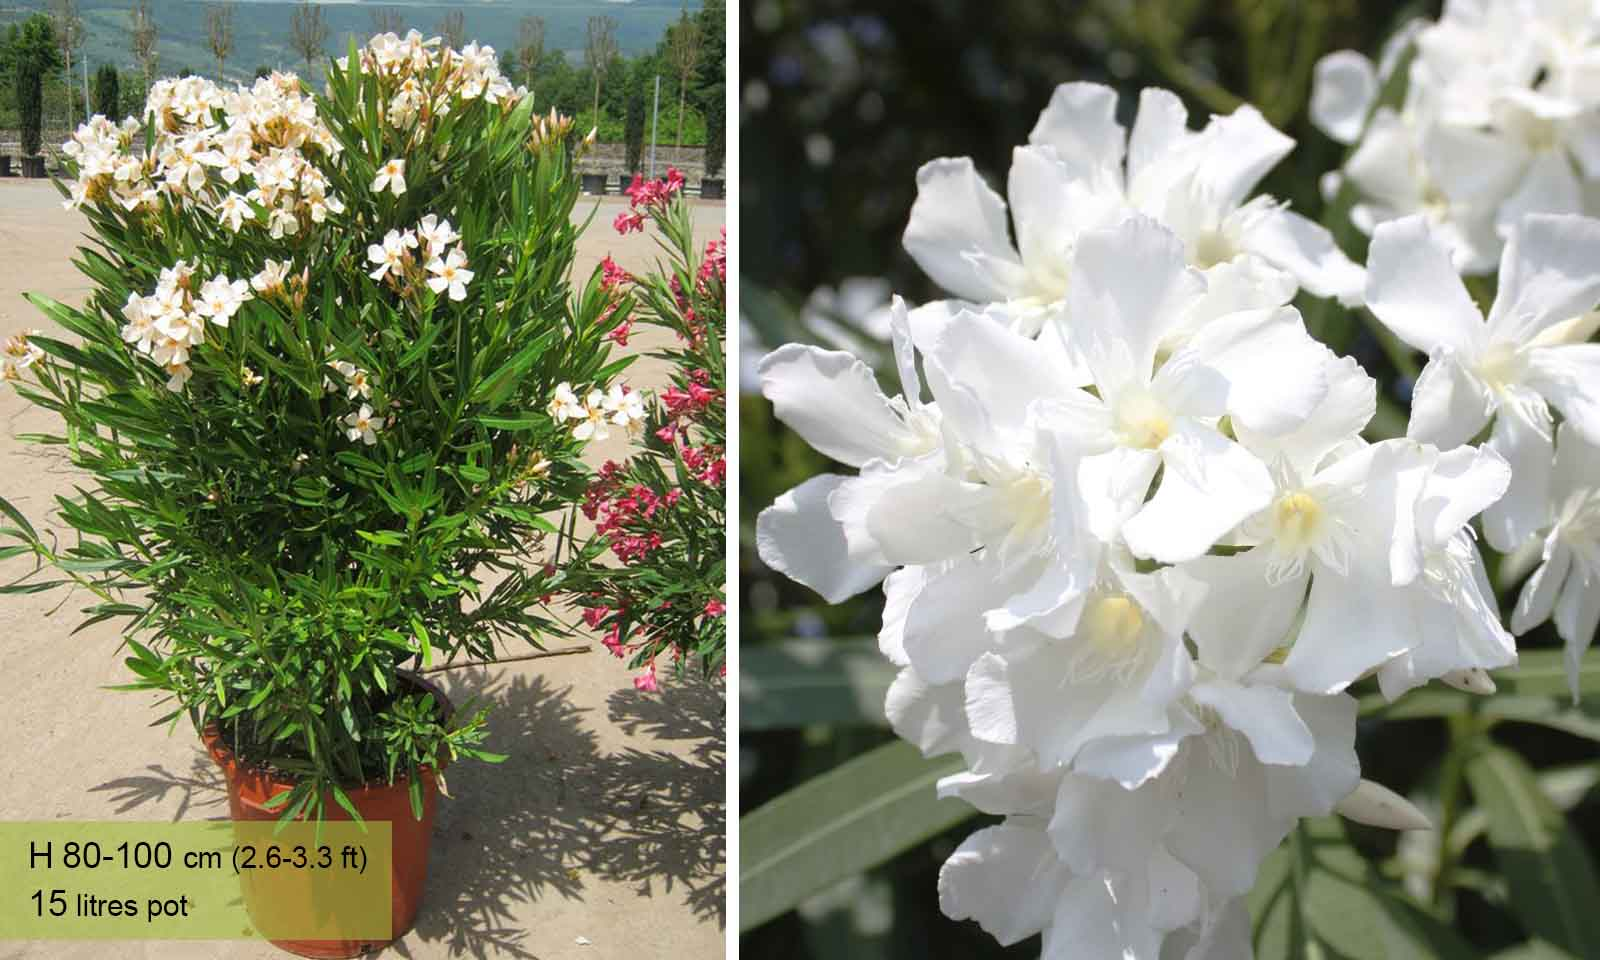 Nerium Oleander - Shrub